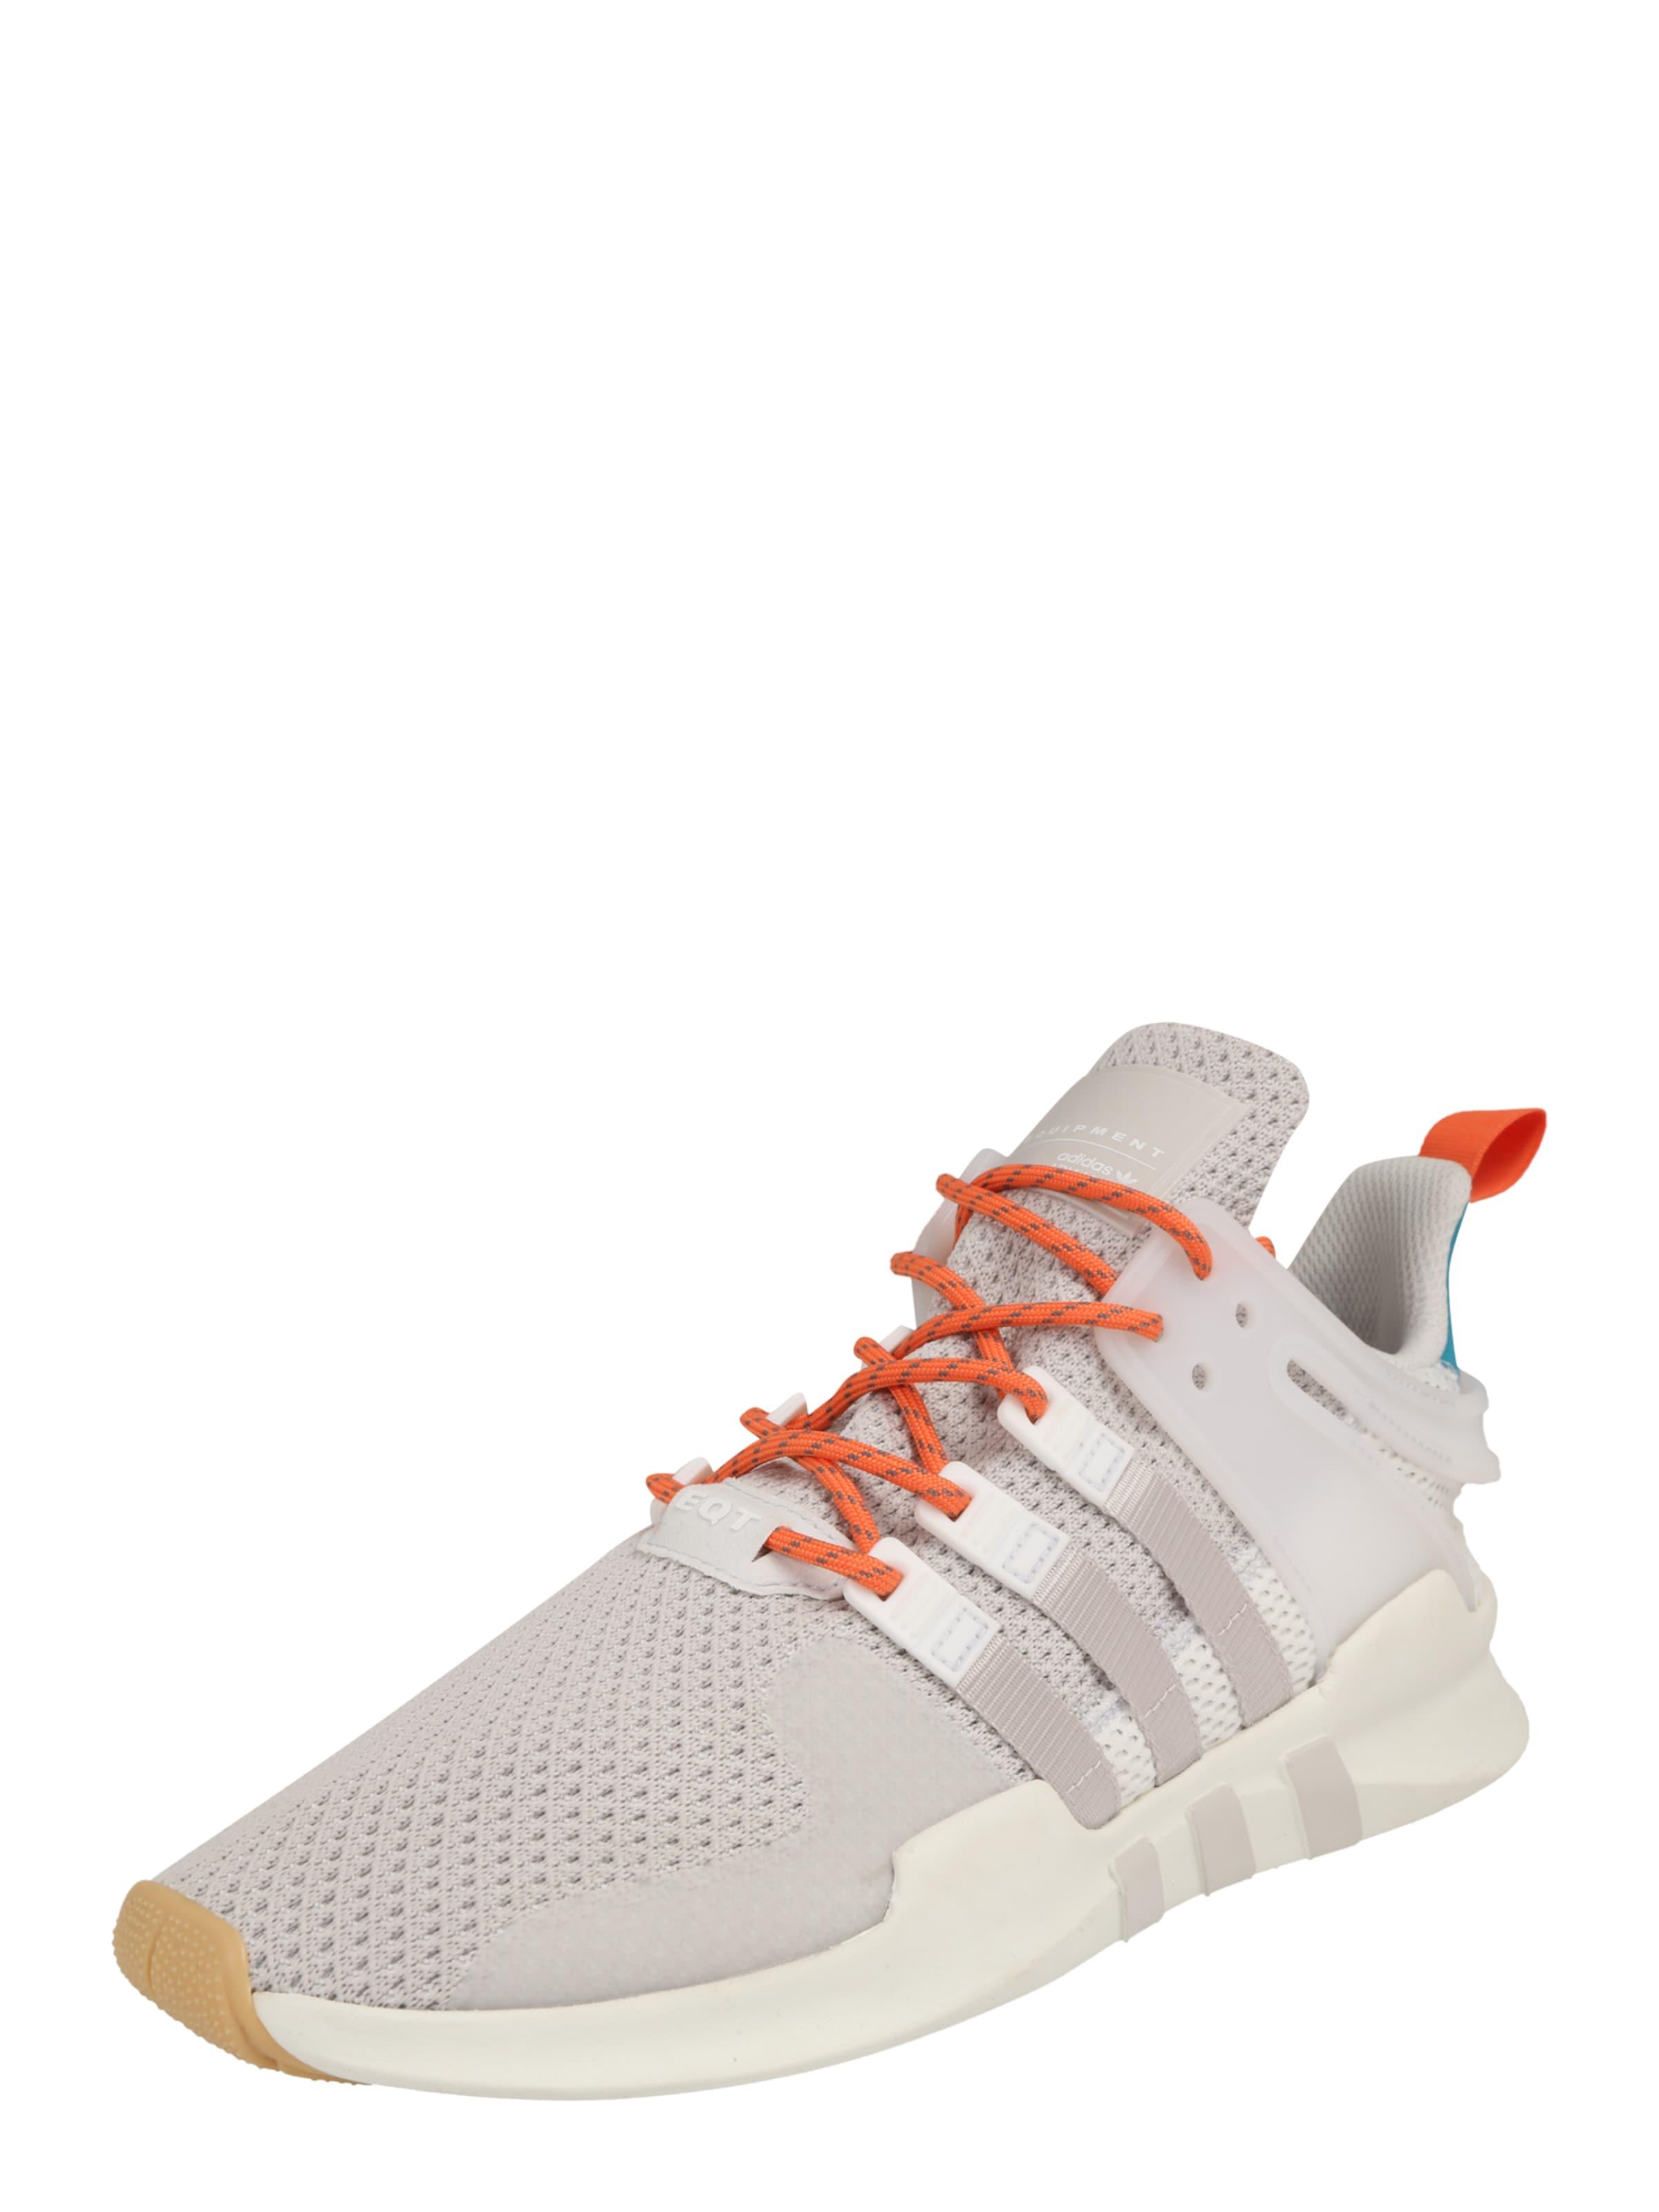 Adidas Weiß HellgrauHellorange Originals Adv' Sneaker 'eqt In Support ARcjLS543q